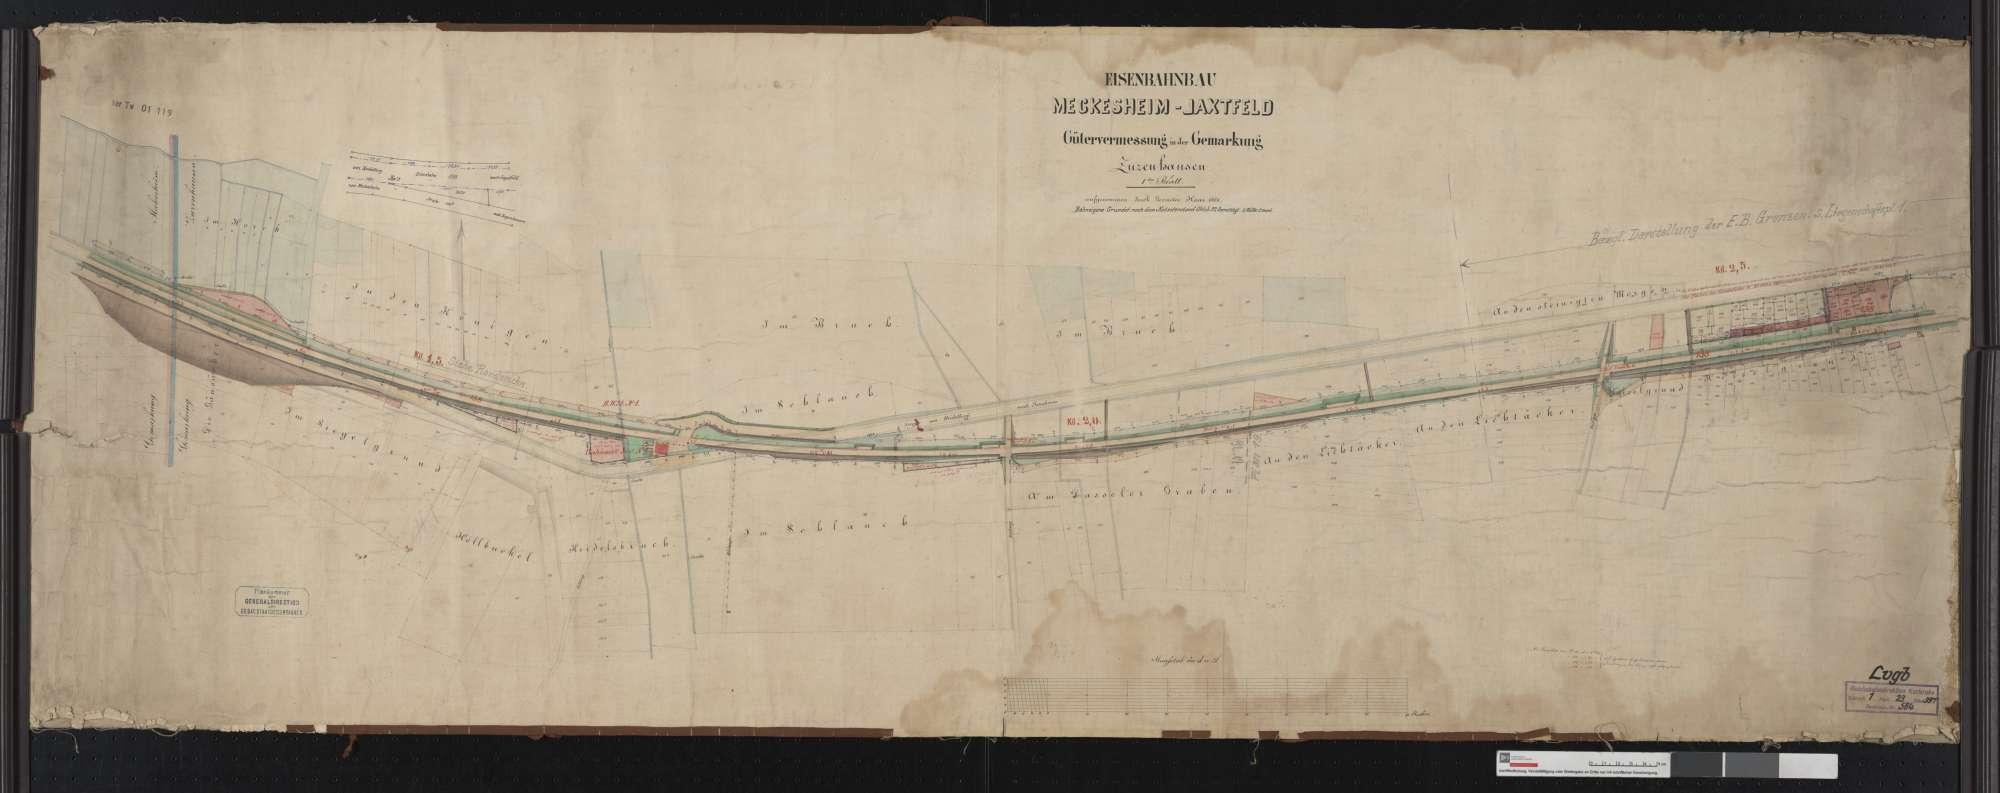 Gütervermessung der Bahn von Meckesheim bis Jagstfeld: Gemarkung Zuzenhausen Streckenausschnitt: 1,3 bis 2,6 km, Bild 1